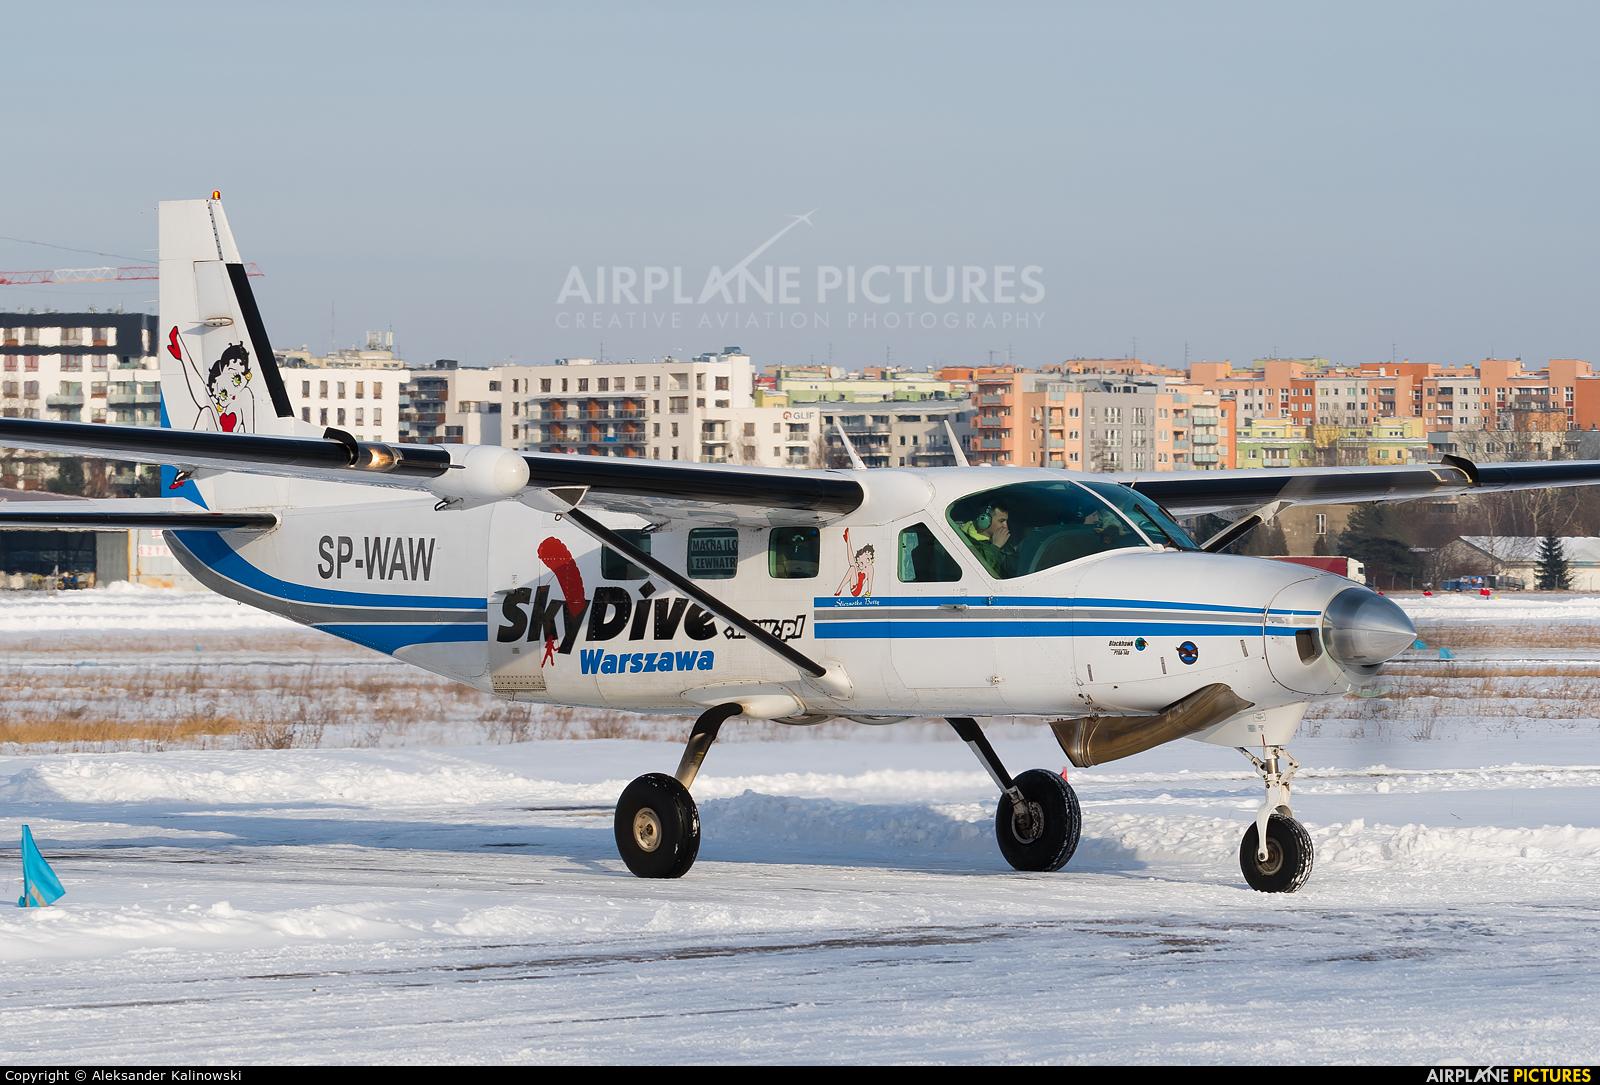 Aeroklub Warszawski SP-WAW aircraft at Warsaw - Babice